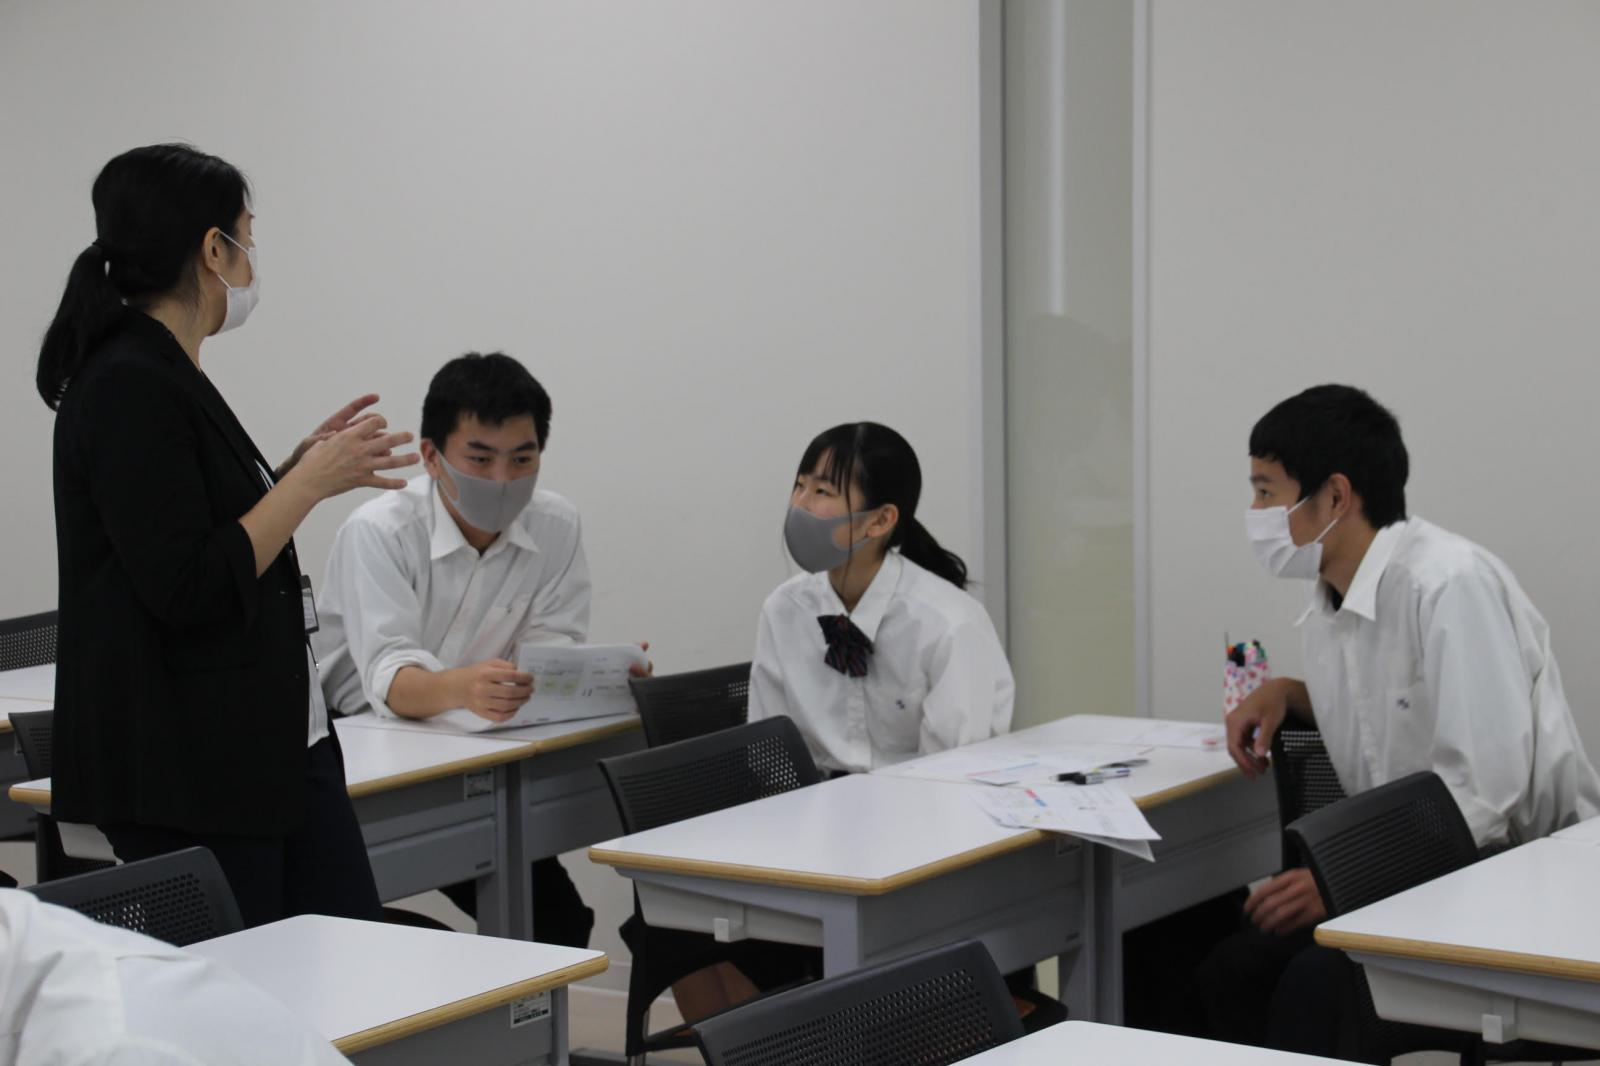 ぎゅっと e 岐阜 聖徳 学園 大学